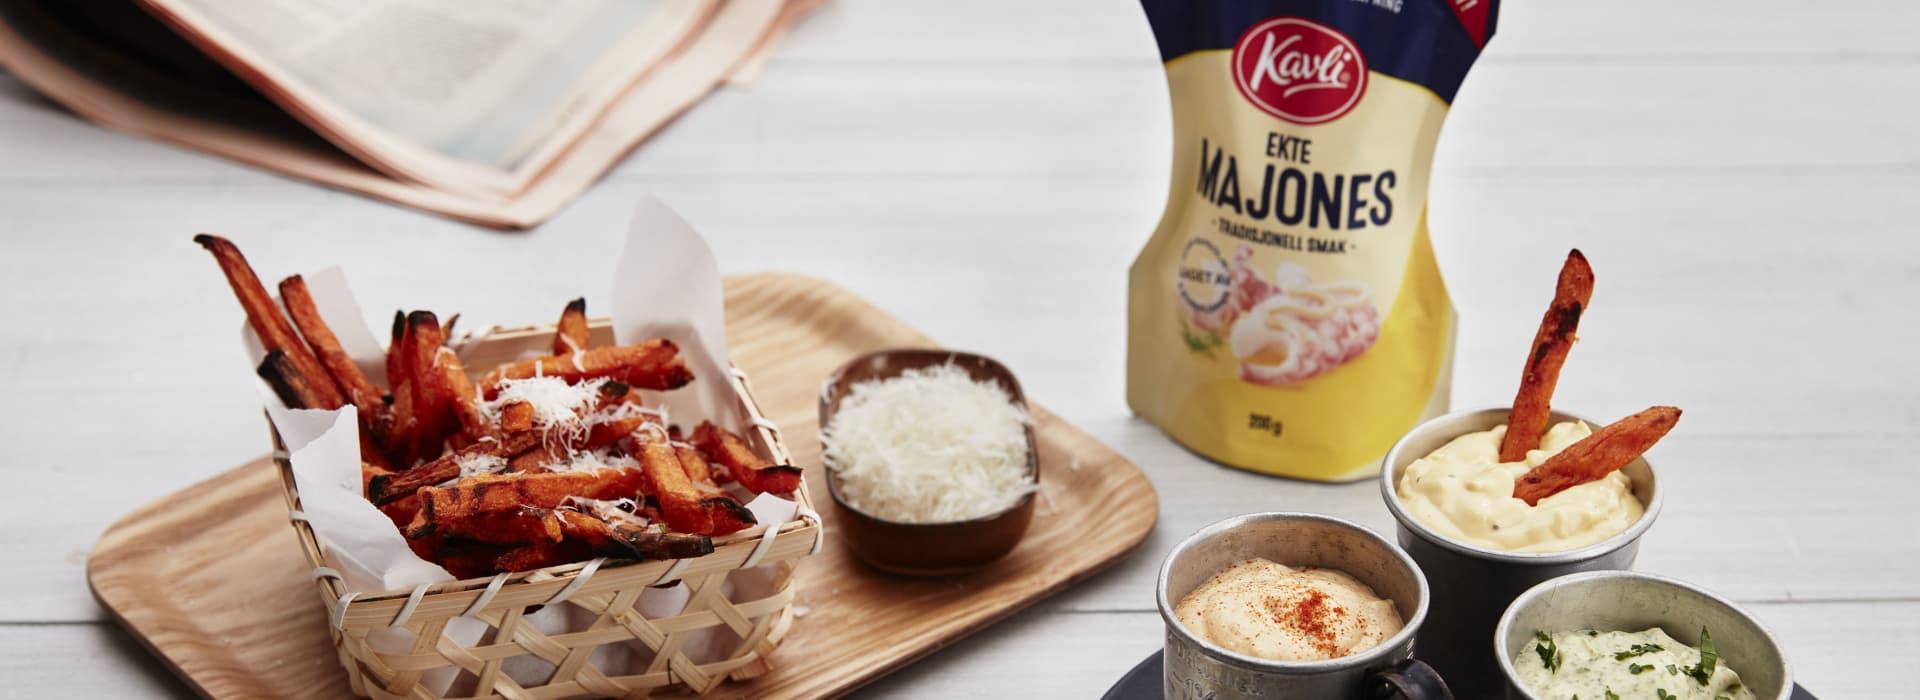 Ovnsbakte søtpotetfries med parmesanost og tre majonesdipper av Kavli Ekte Majones.